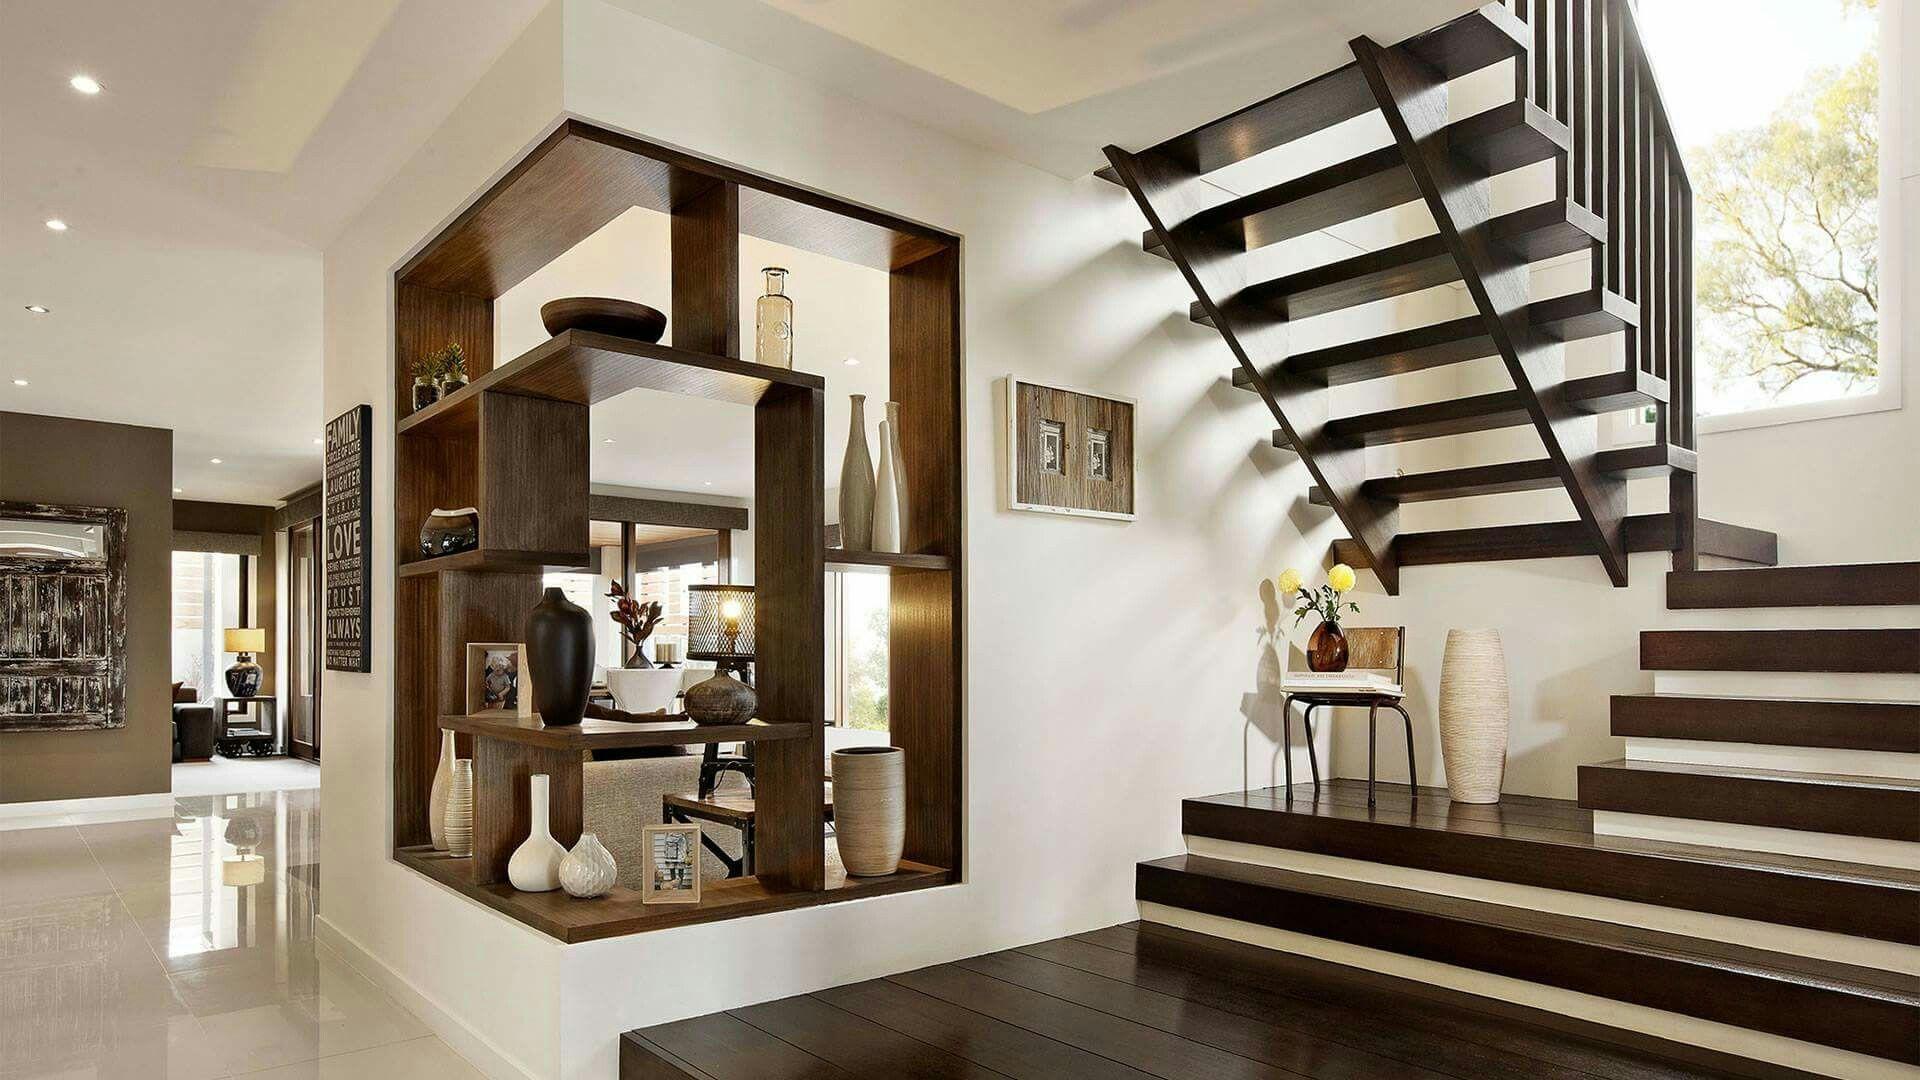 Home interior stairs pin by sayumi juarez on interiorismo  pinterest